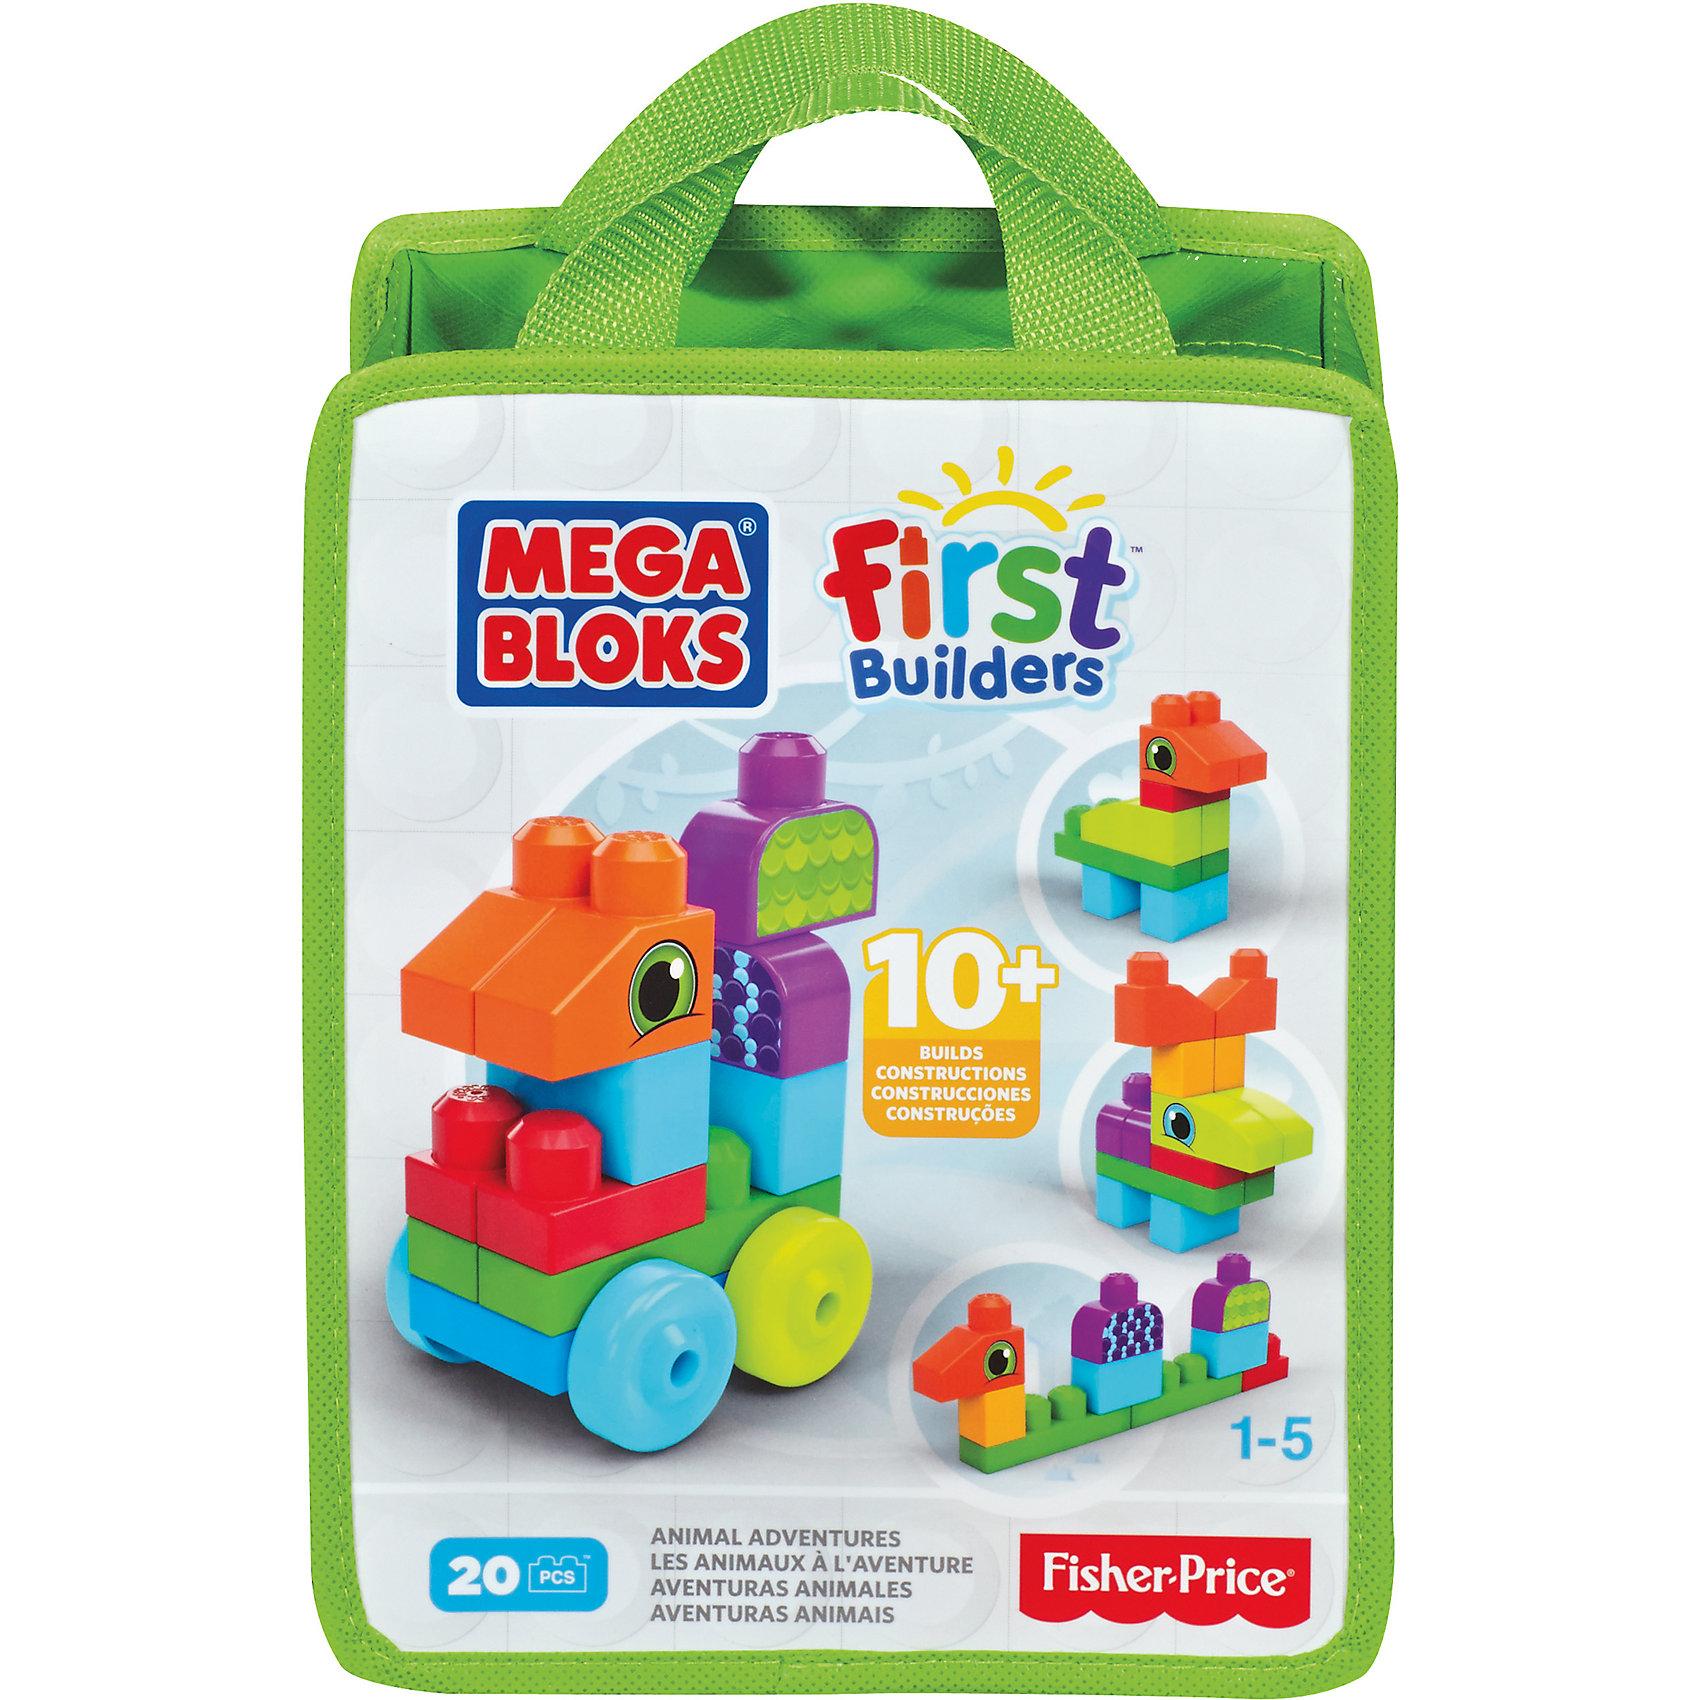 Конструктор, в ассортименте, MEGA BLOKS First BuildersКонструктор MEGA BLOKS (Мегаблокс), First Builders - это яркий красочный набор, который идеально подойдет для самых маленьких строителей. В комплект входит 20 деталей различных форм и цветов, которые предоставляют безграничный простор для фантазии. Из них можно собрать разнообразные машинки и автотехнику или забавных зверюшек (в ассортименте). Все элементы имеют крупный размер и форму, удобную для детских ручек. Конструктор компактно складывается в нарядную сумку с ручкой, которую удобно носить с собой. Прекрасно развивает мелкую моторику, фантазию и воображение ребенка, учит его усидчивости и внимательности. Конструктор совместим с другими наборами серии First Builders.<br><br>Дополнительная информация:<br><br>- Количество деталей: 20.   <br>- Материал: пластик.<br>- Размер упаковки: 25,4 x 20,3 x 10 см. <br>- Вес: 0,45 кг.<br><br>Конструктор, в ассортименте, MEGA BLOKS (Мегаблокс) First Builders, можно купить в нашем интернет-магазине.<br><br>ВНИМАНИЕ! Данный артикул имеется в наличии в разных вариантах исполнения. Заранее выбрать определенный вариант нельзя. При заказе нескольких конструкторов возможно получение одинаковых.<br><br>Ширина мм: 266<br>Глубина мм: 210<br>Высота мм: 109<br>Вес г: 356<br>Возраст от месяцев: 12<br>Возраст до месяцев: 72<br>Пол: Унисекс<br>Возраст: Детский<br>SKU: 4336737